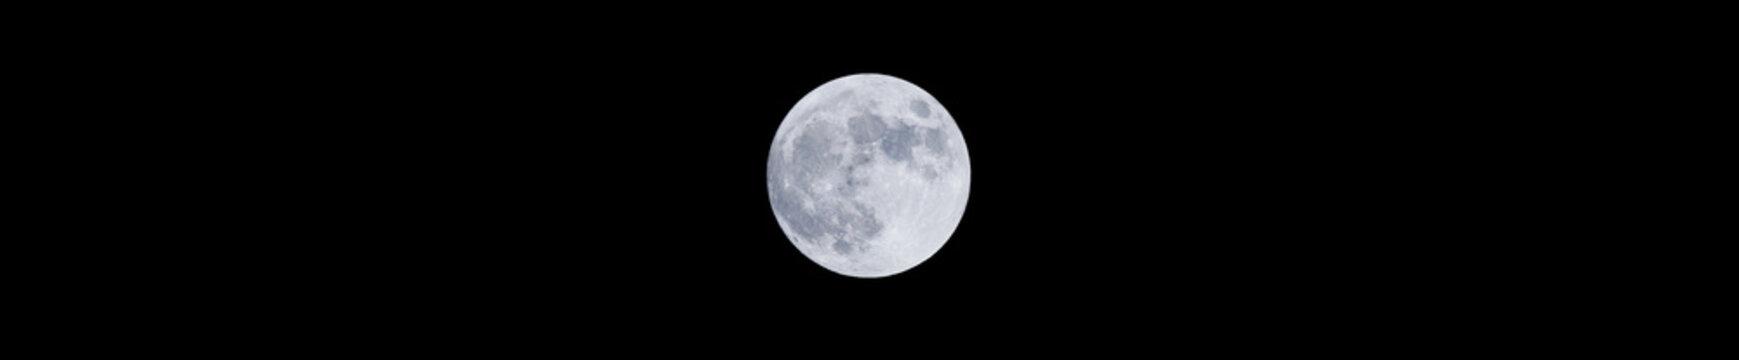 満月 6月 ストロベリームーン